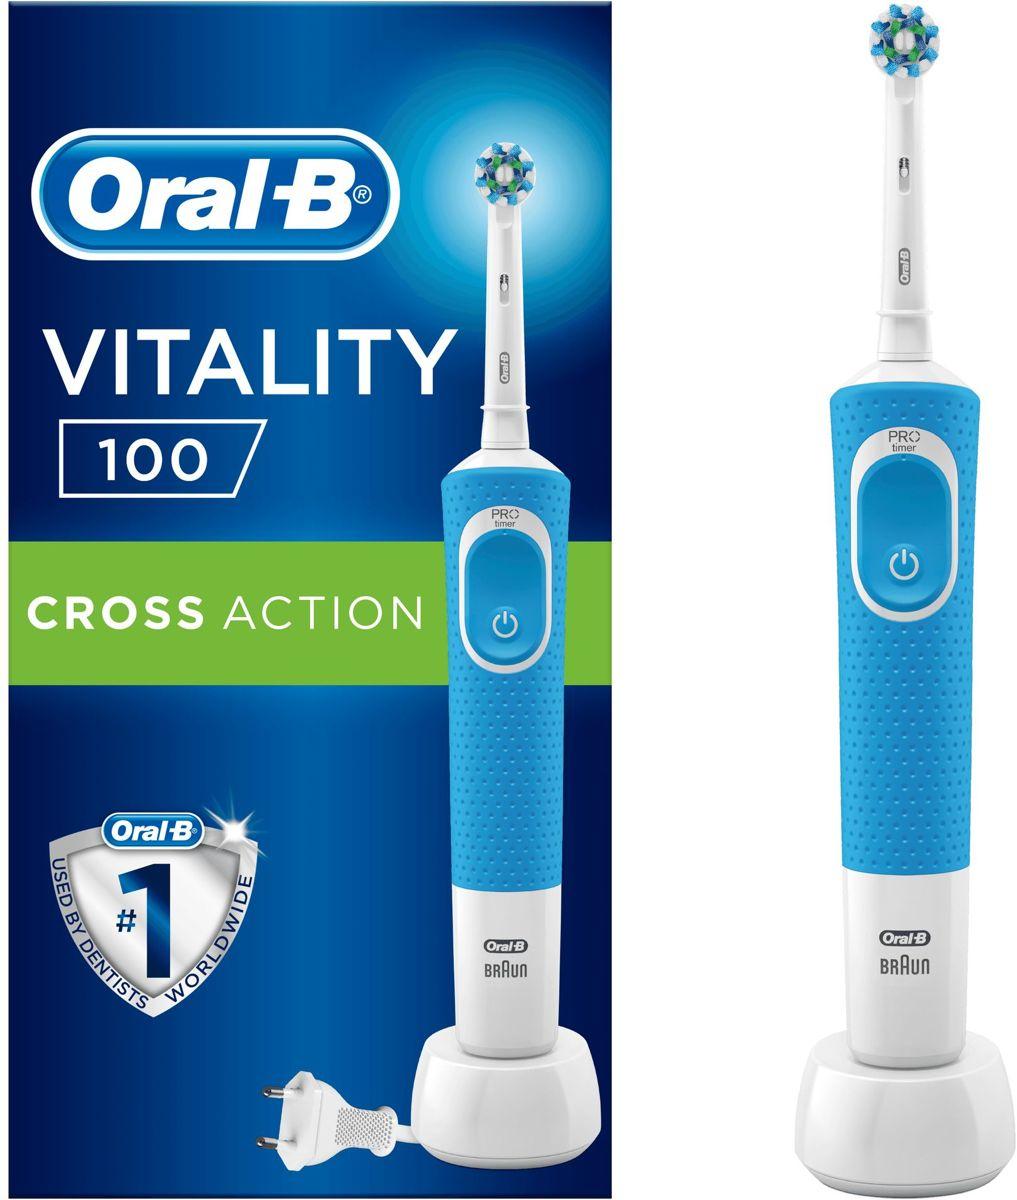 Oral-B Vitality 100 Blauw CrossAction Elektrische Tandenborstel Powered By Braun